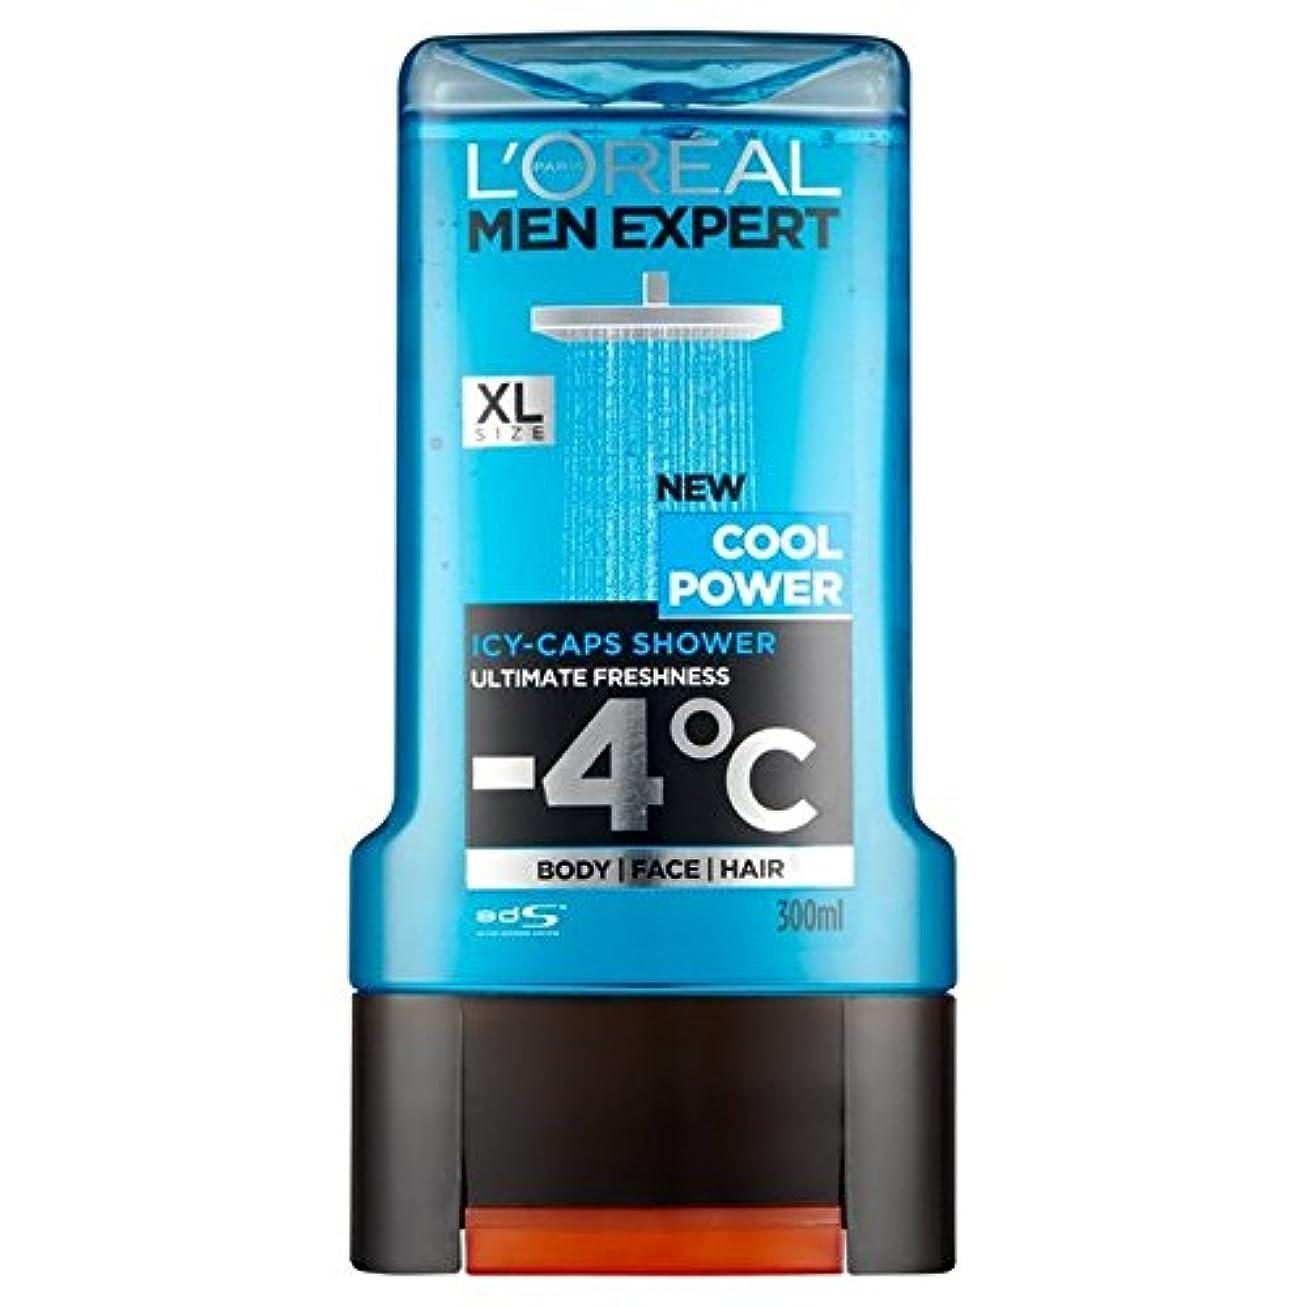 苦いショッキング重要性ロレアルパリの男性の専門家のクールなパワーシャワージェル300ミリリットル x2 - L'Oreal Paris Men Expert Cool Power Shower Gel 300ml (Pack of 2) [並行輸入品]